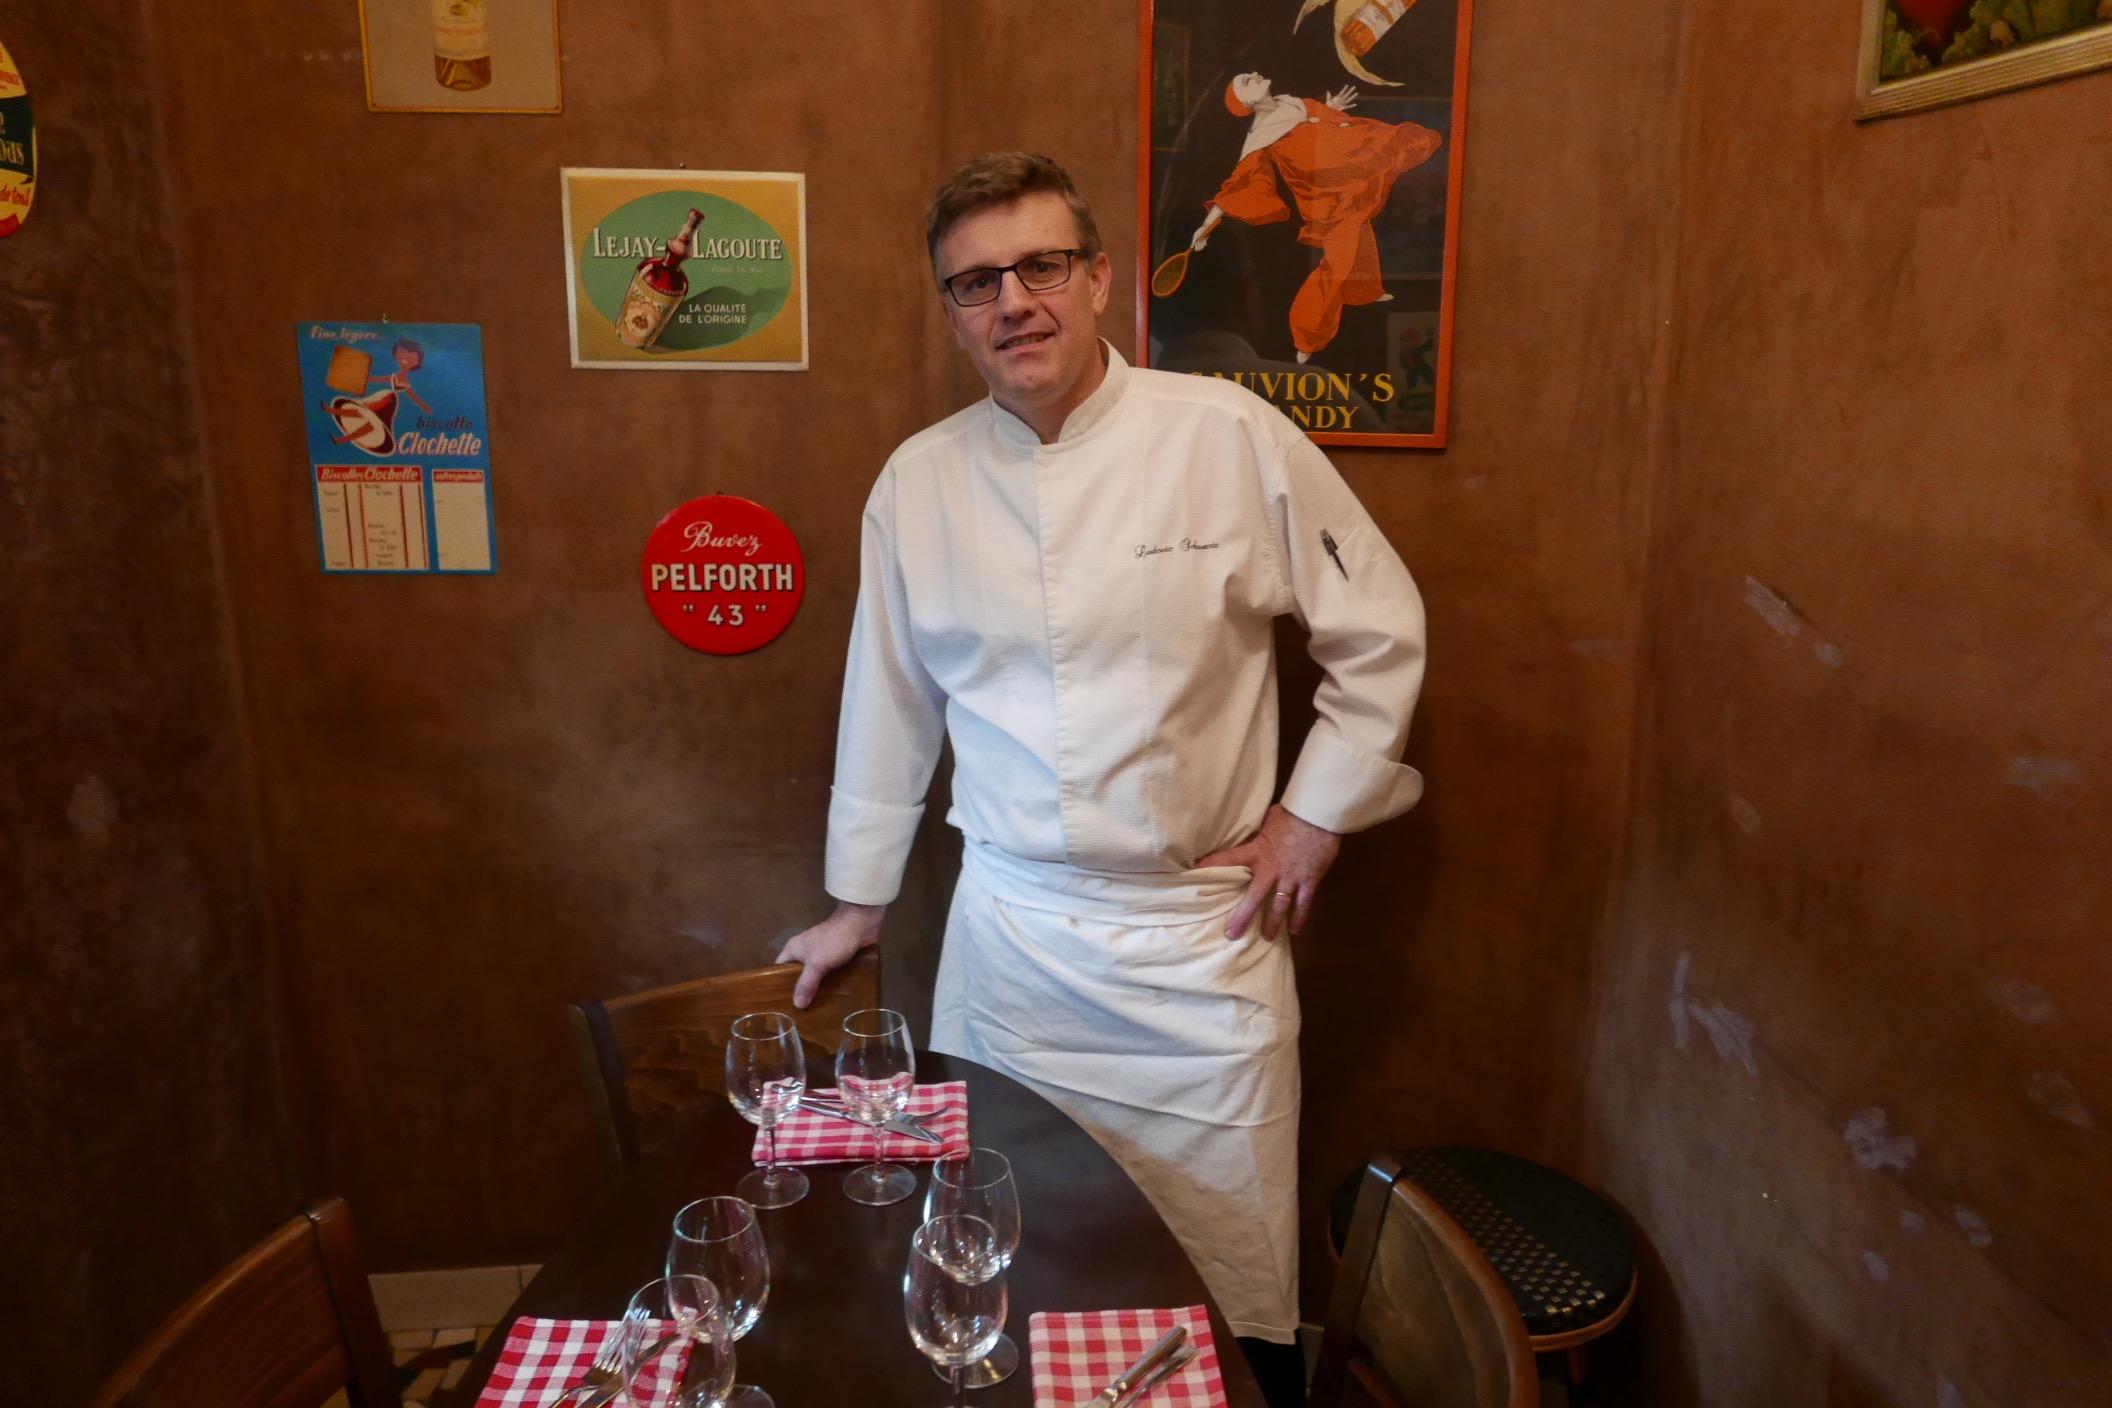 Boeuf maillot ravigote et mayo le blog de gilles pudlowski les pieds dans le plat - Chez georges porte maillot ...